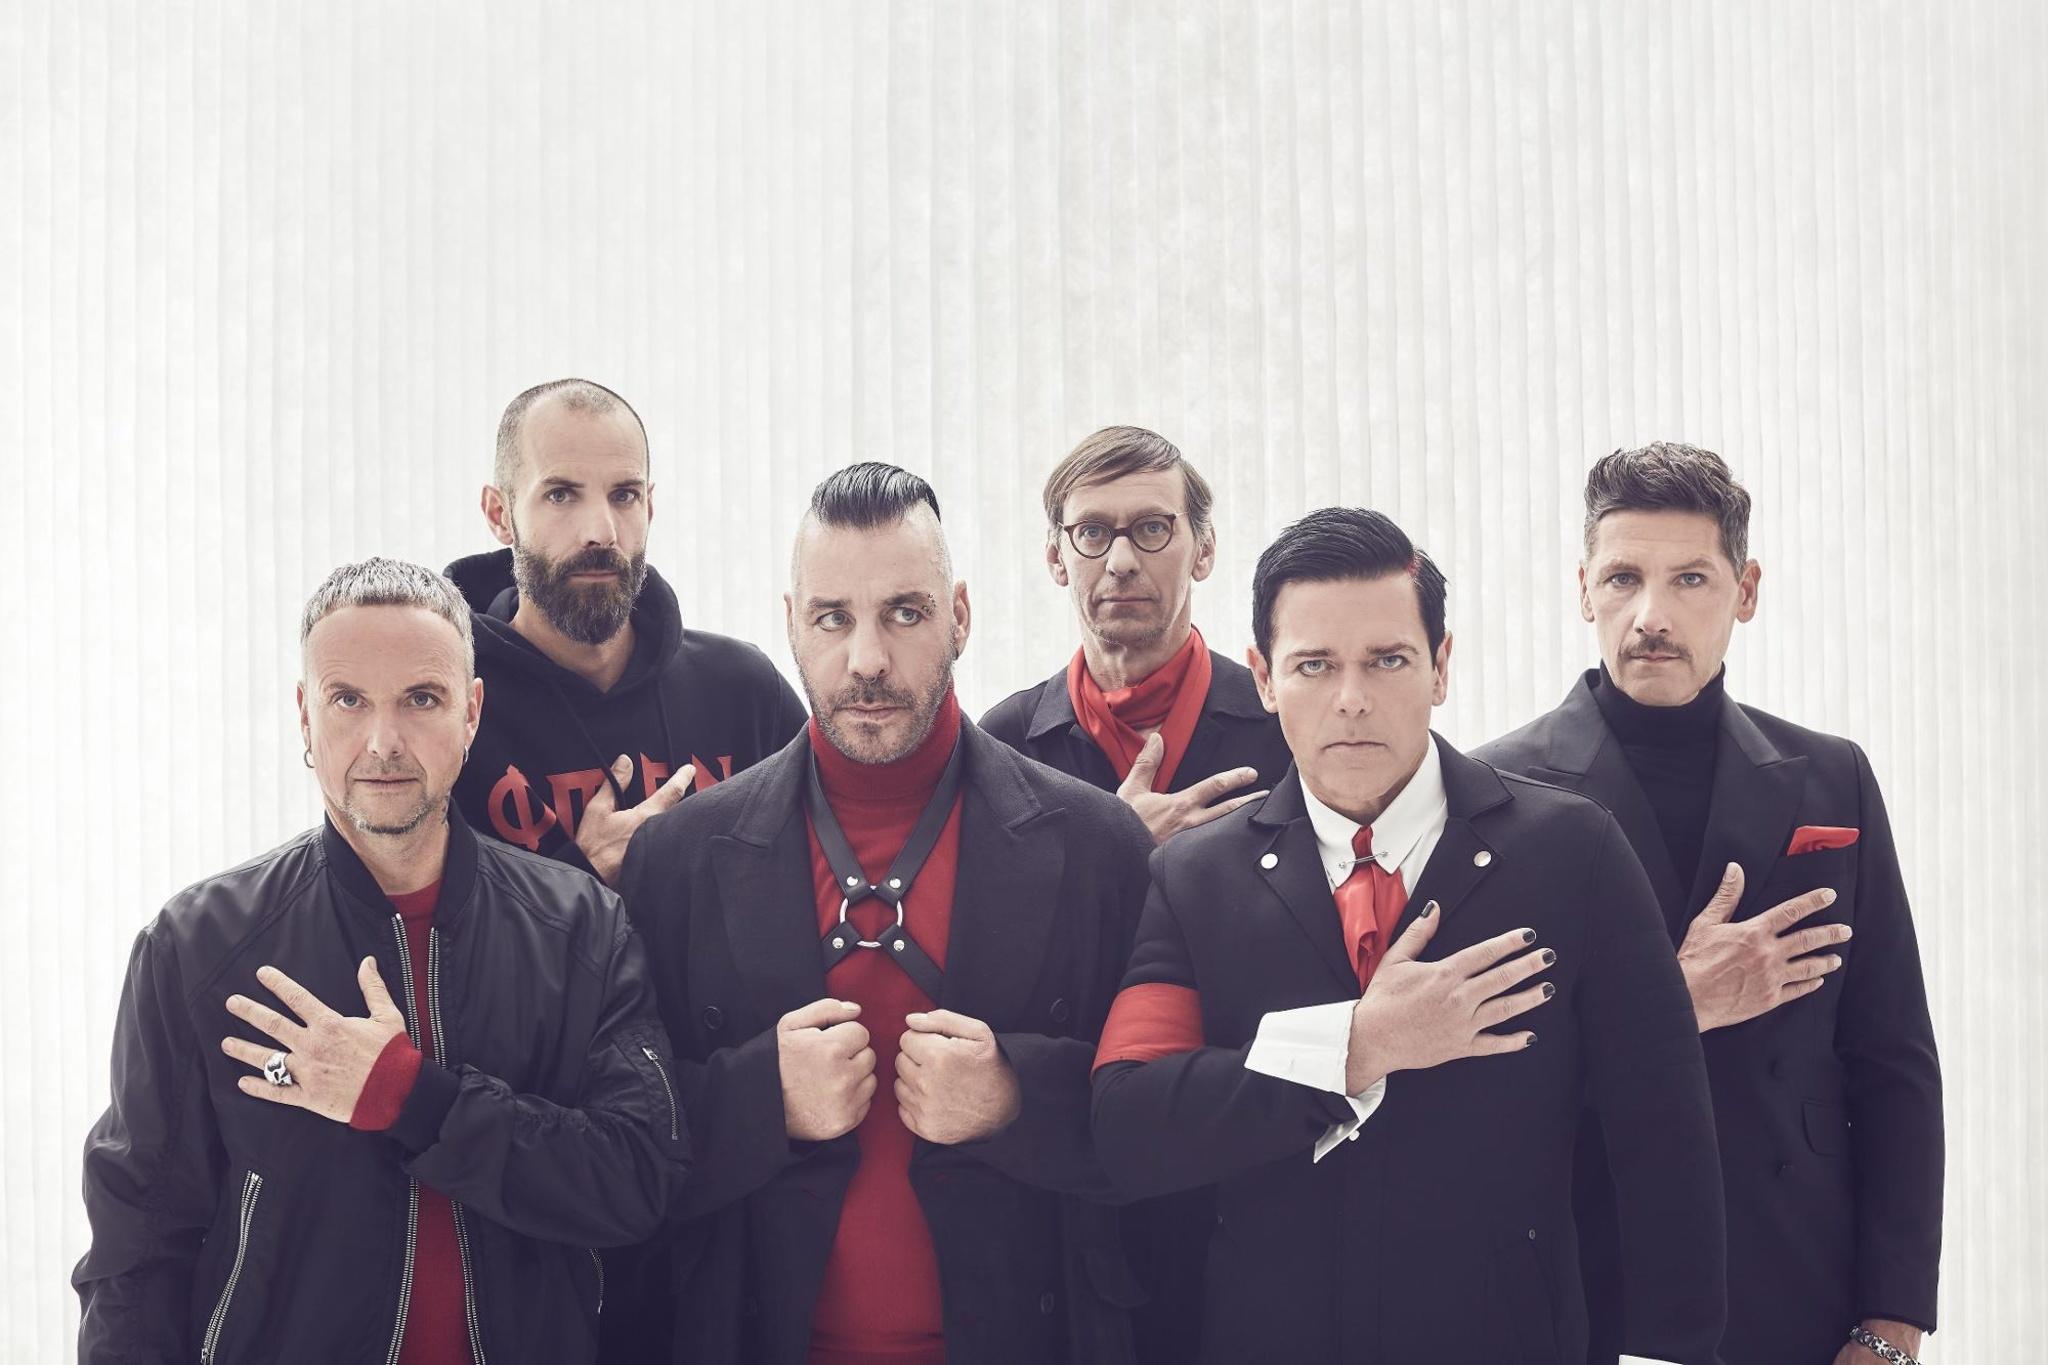 Erfolgreichste single in deutschland 2020